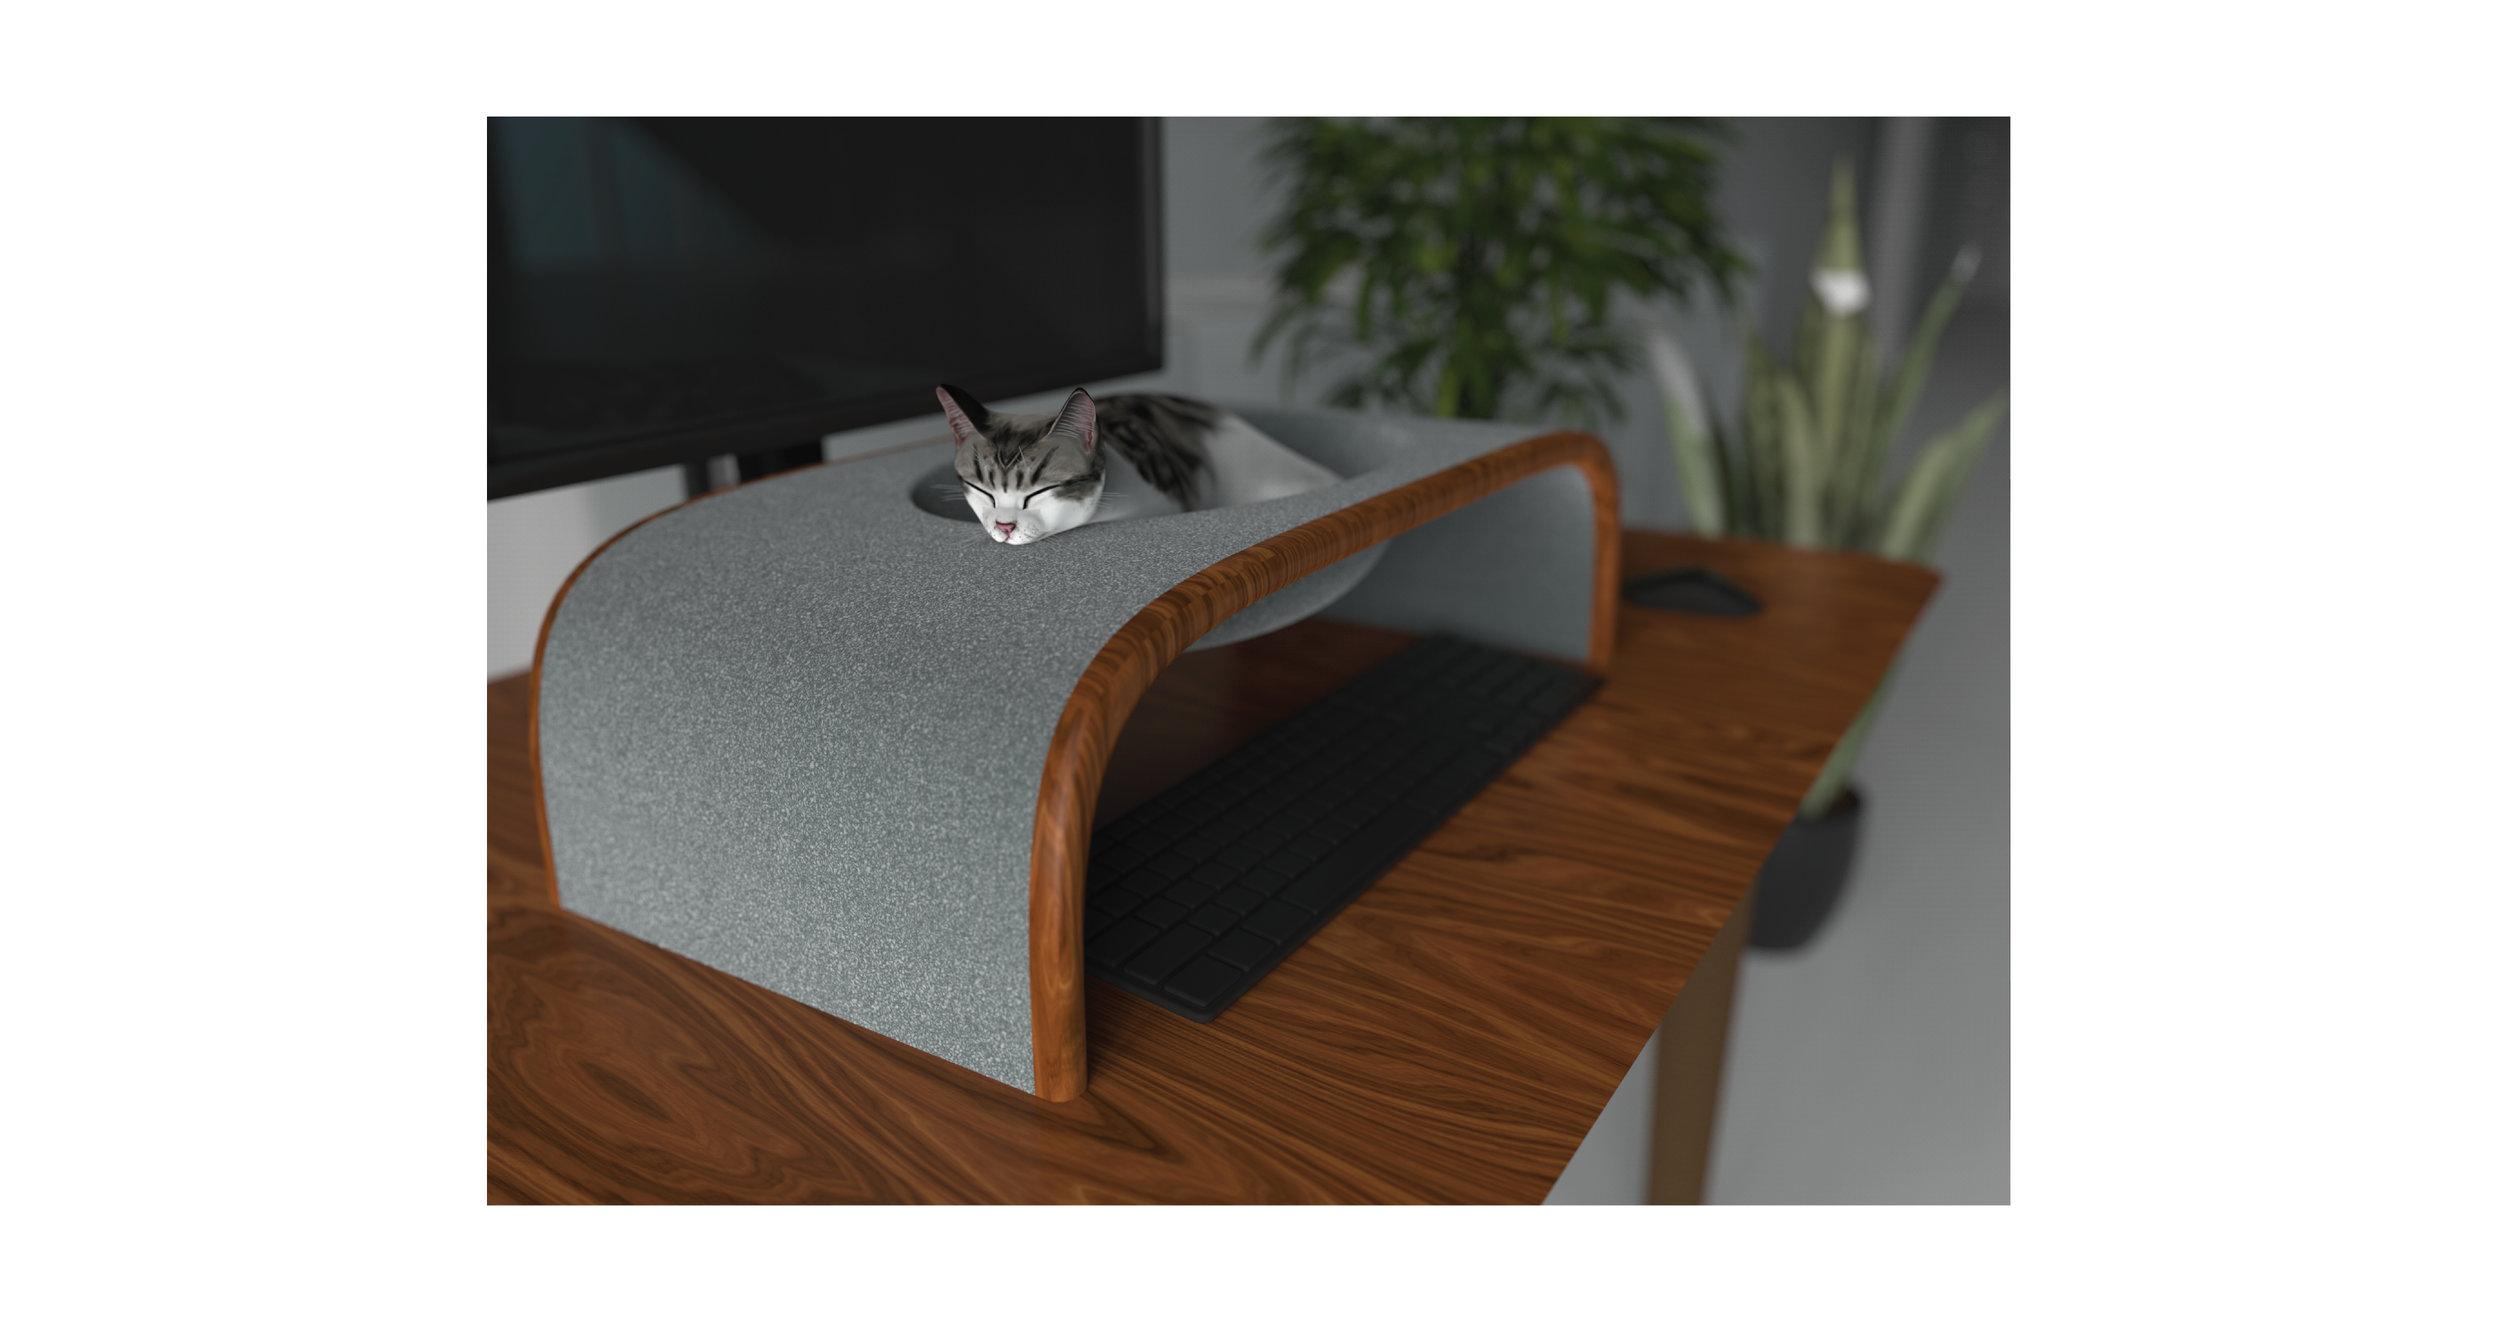 CatMatter-renderanglecloseup.jpg